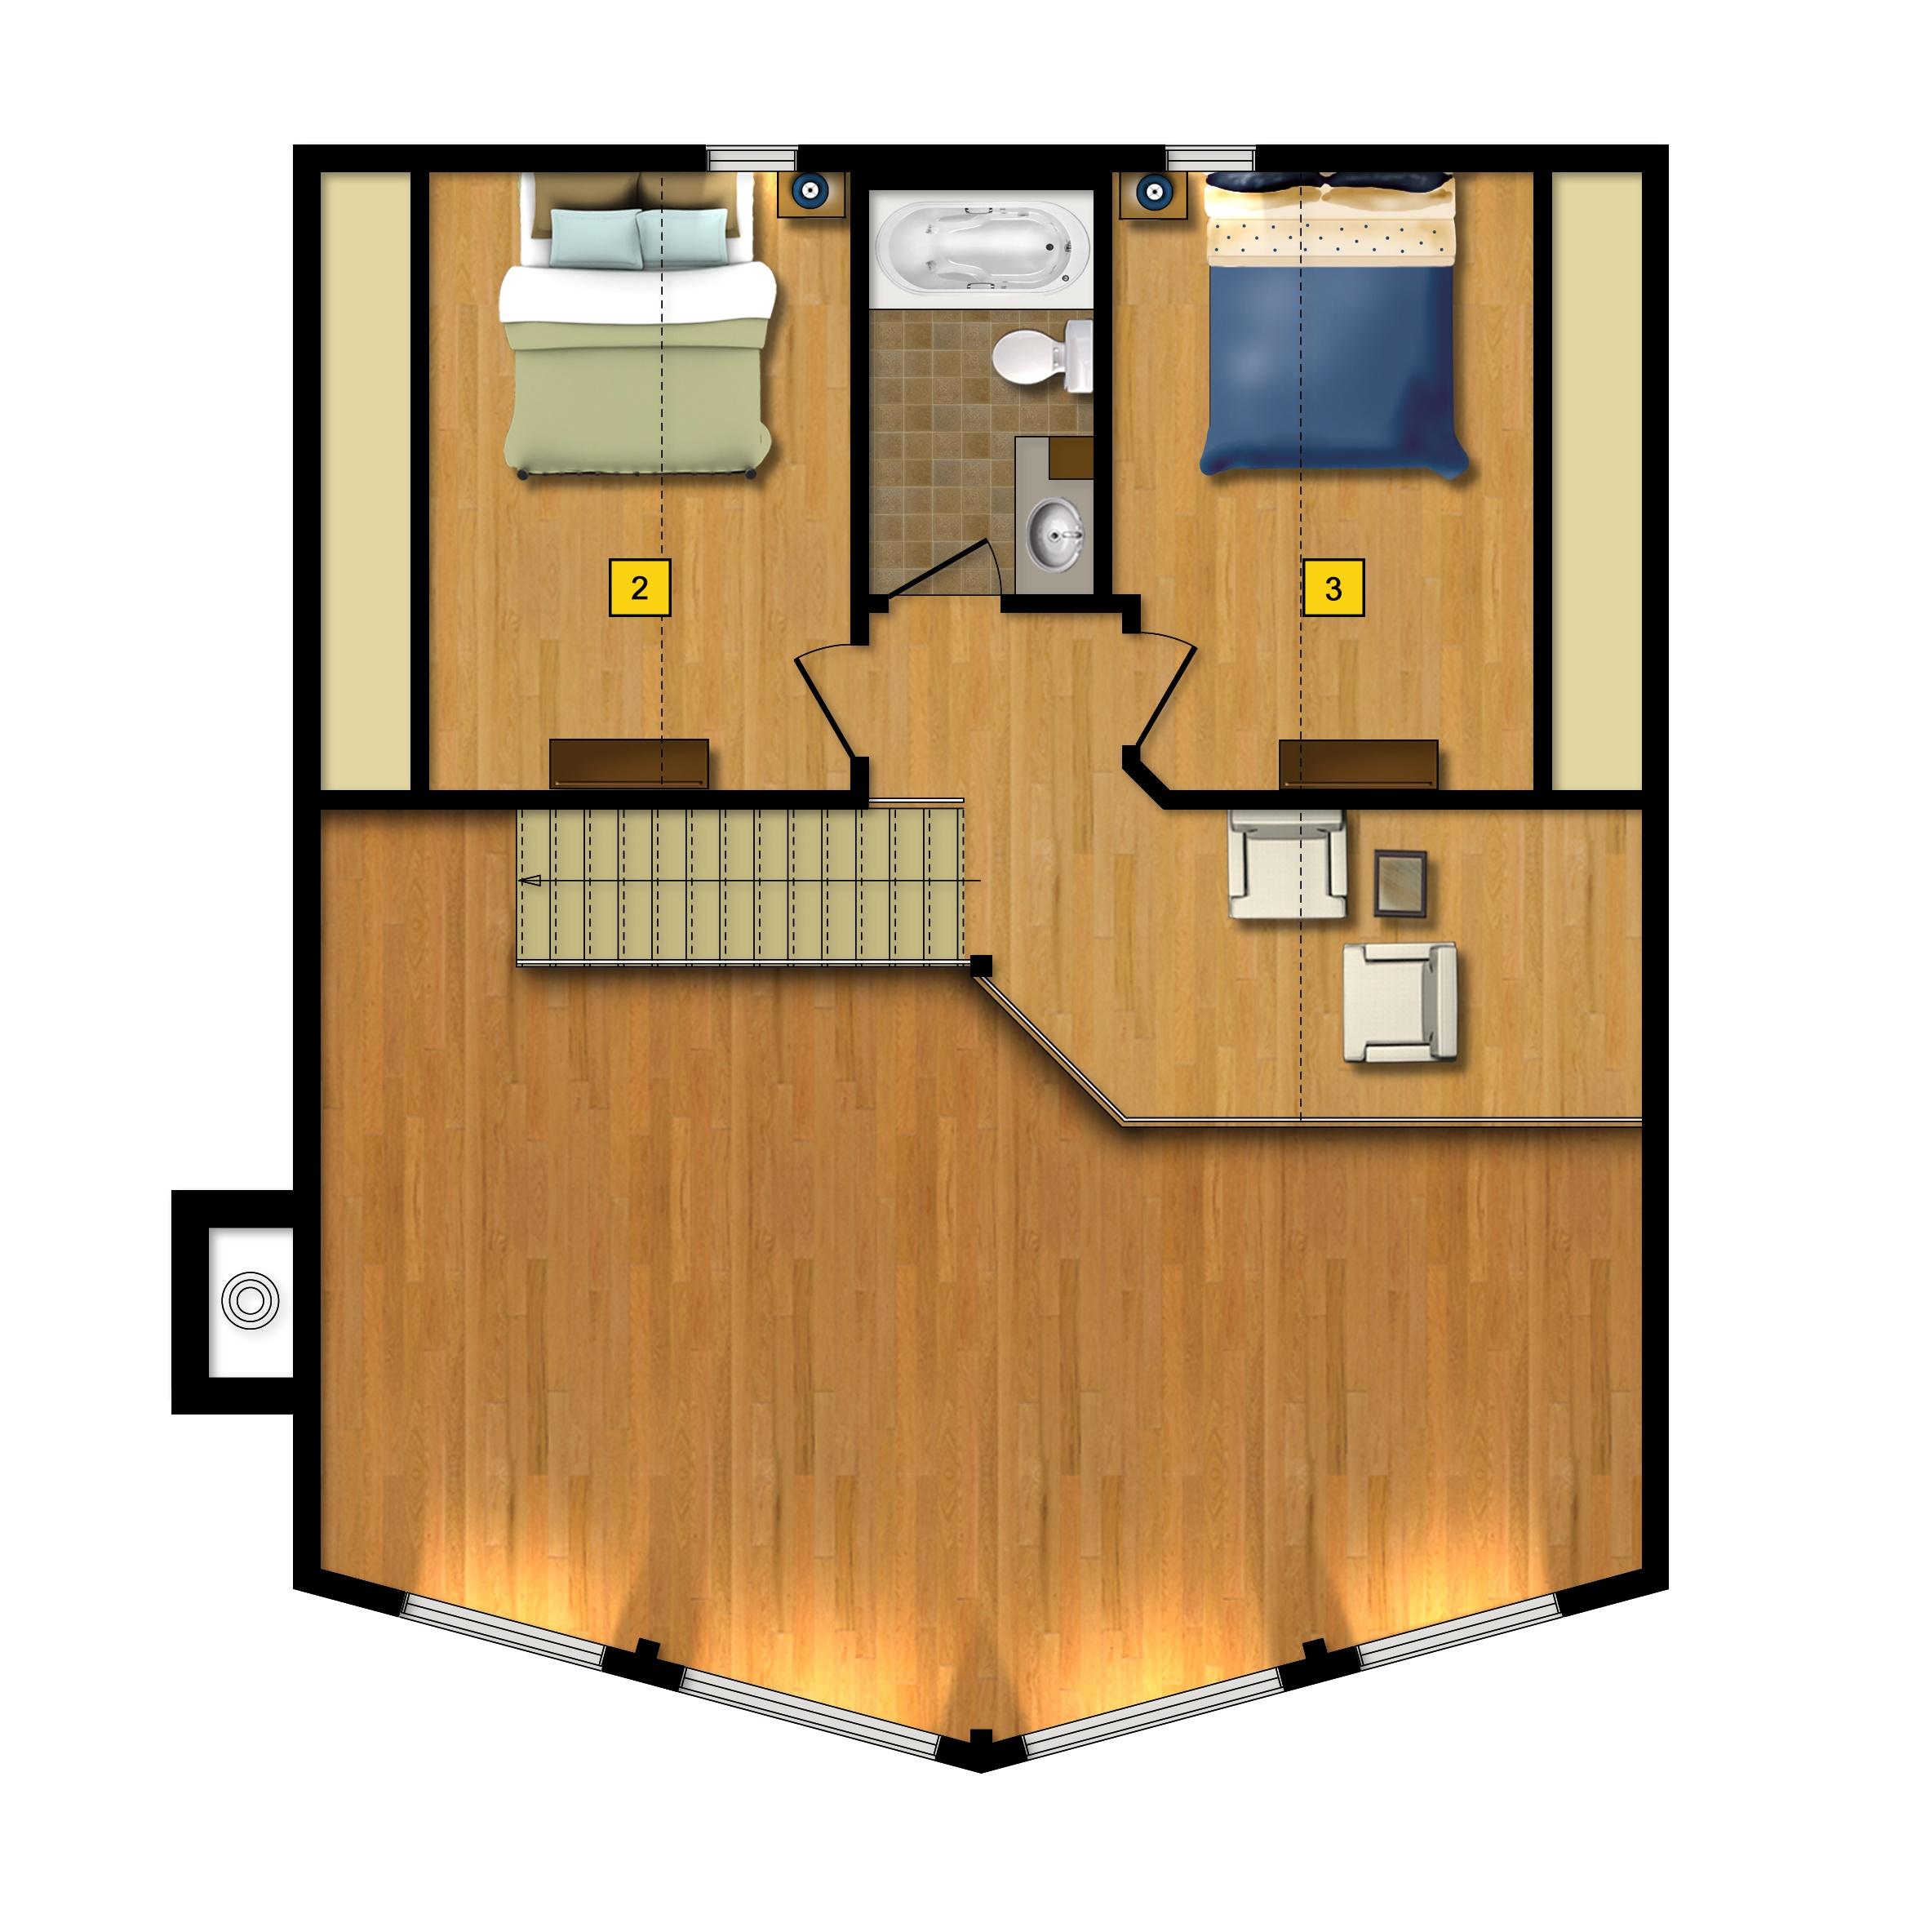 St Bernard floor plan 2